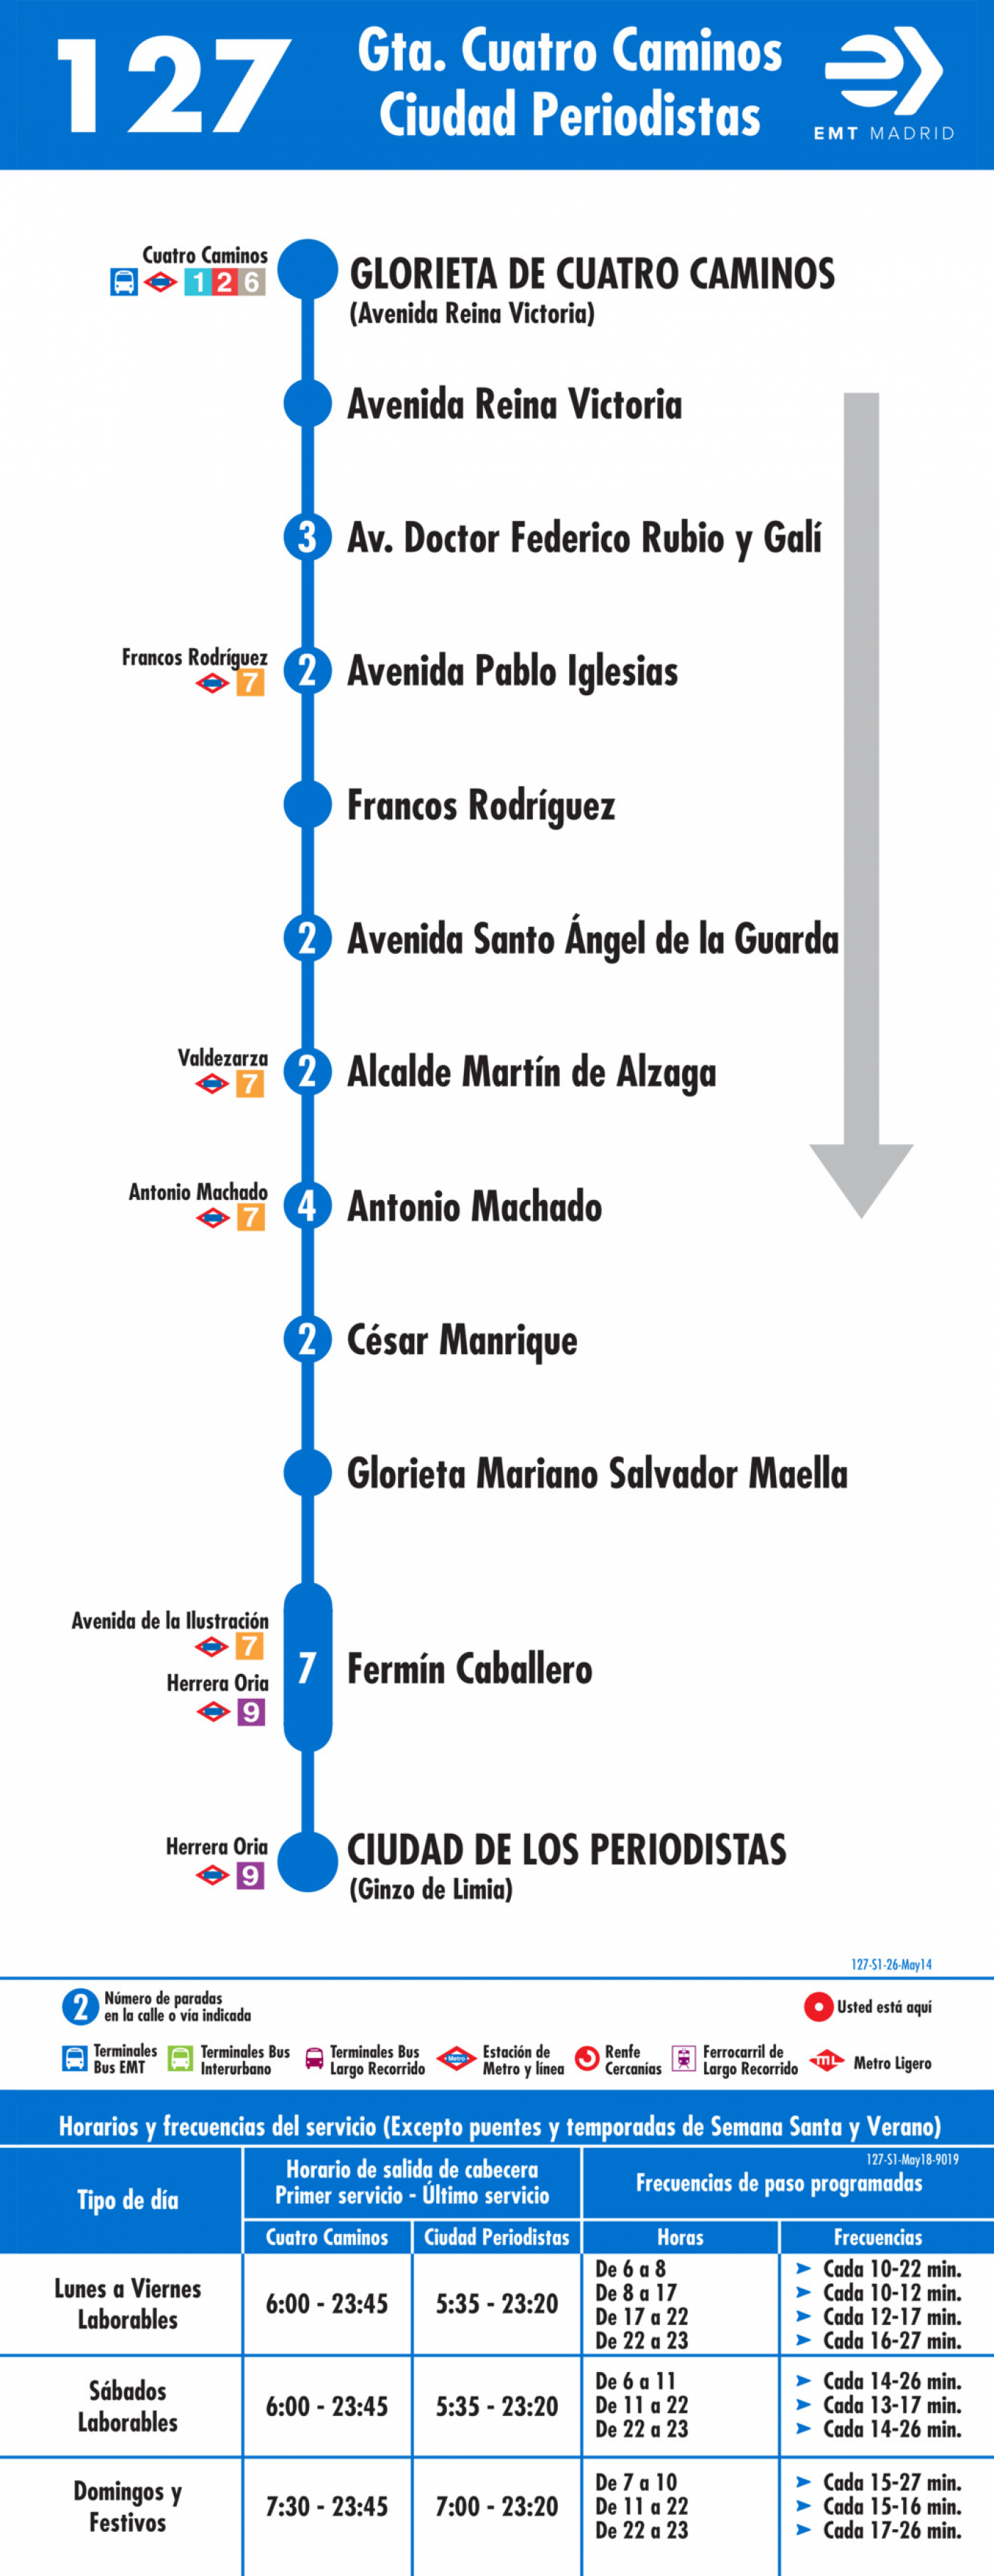 Tabla de horarios y frecuencias de paso en sentido ida Línea 127: Glorieta de Cuatro Caminos - Ciudad de los Periodistas